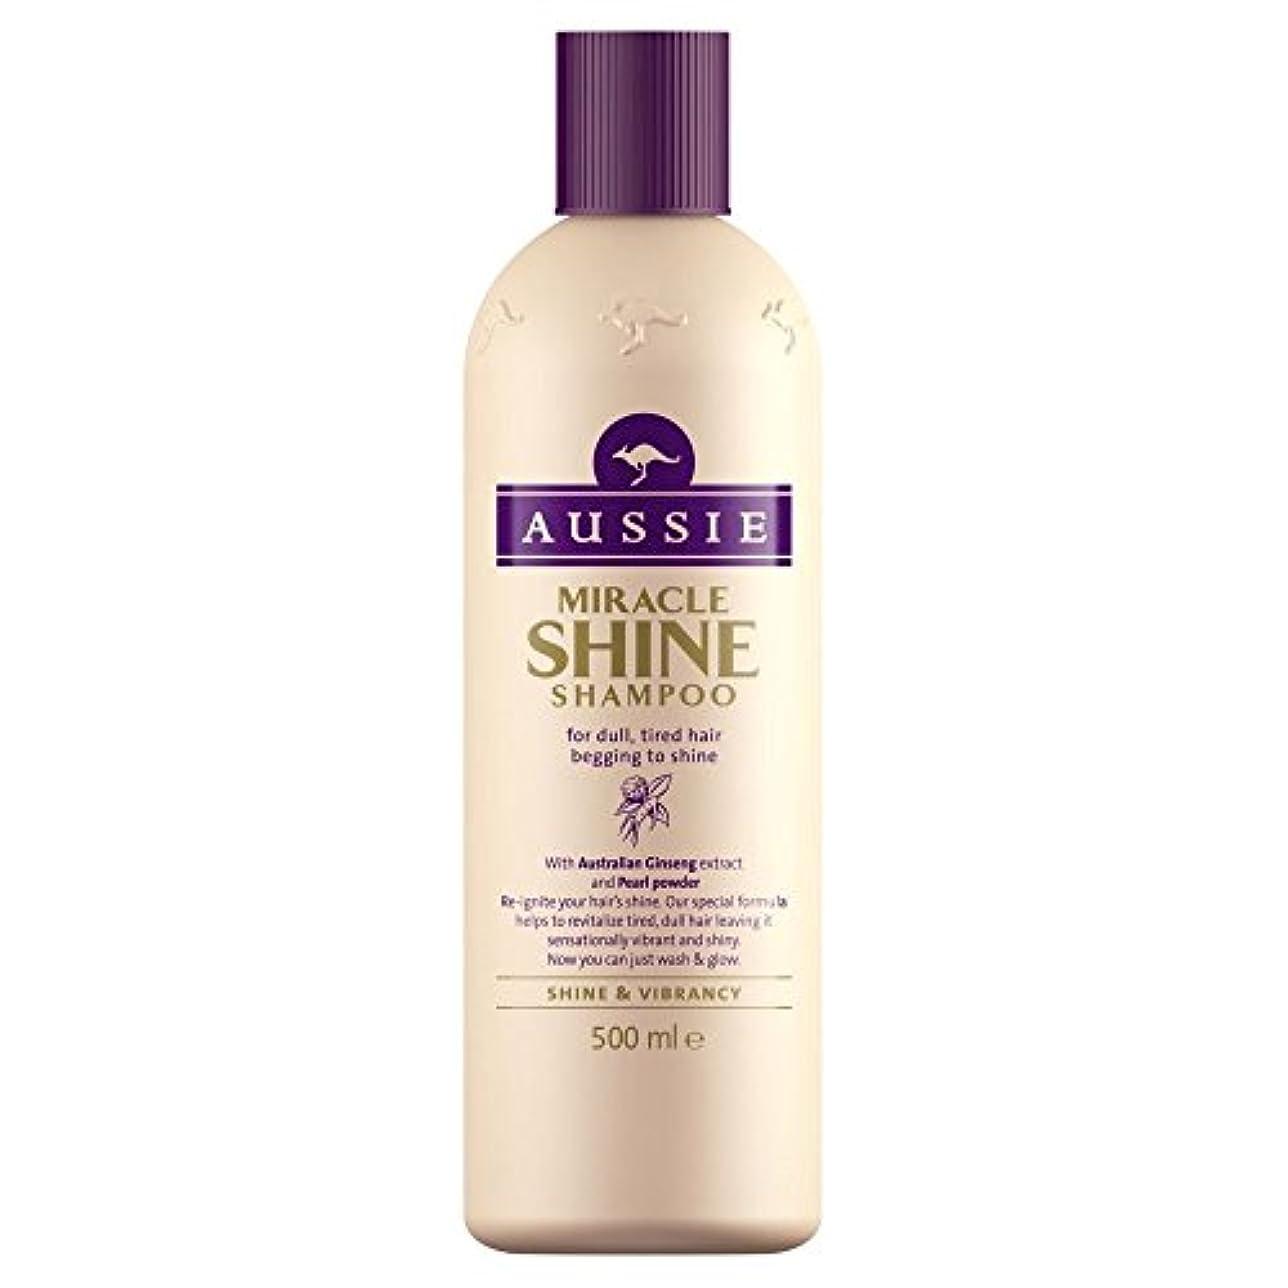 大気悲鳴湿地Aussie Miracle Shine Shampoo (500ml) オージー奇跡の輝きシャンプー( 500ミリリットル) [並行輸入品]